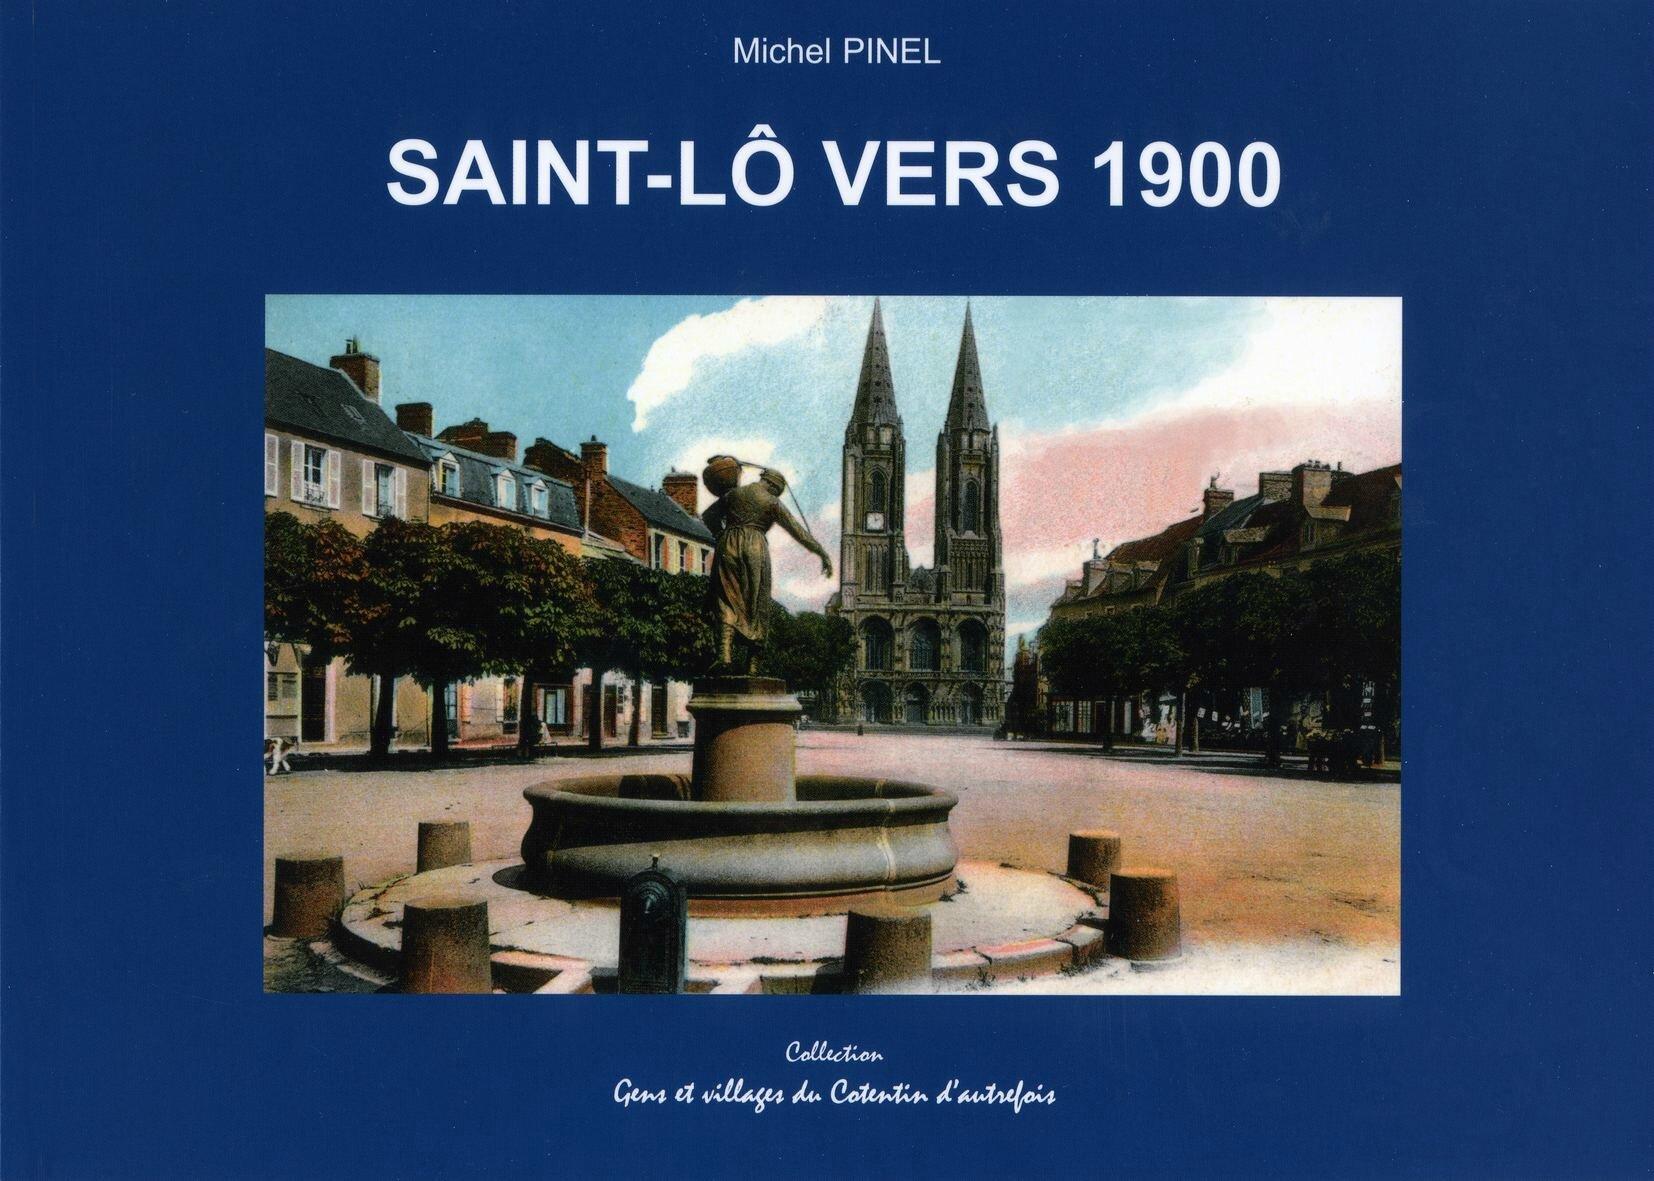 Saint-Lô vers 1900 de Michel Pinel